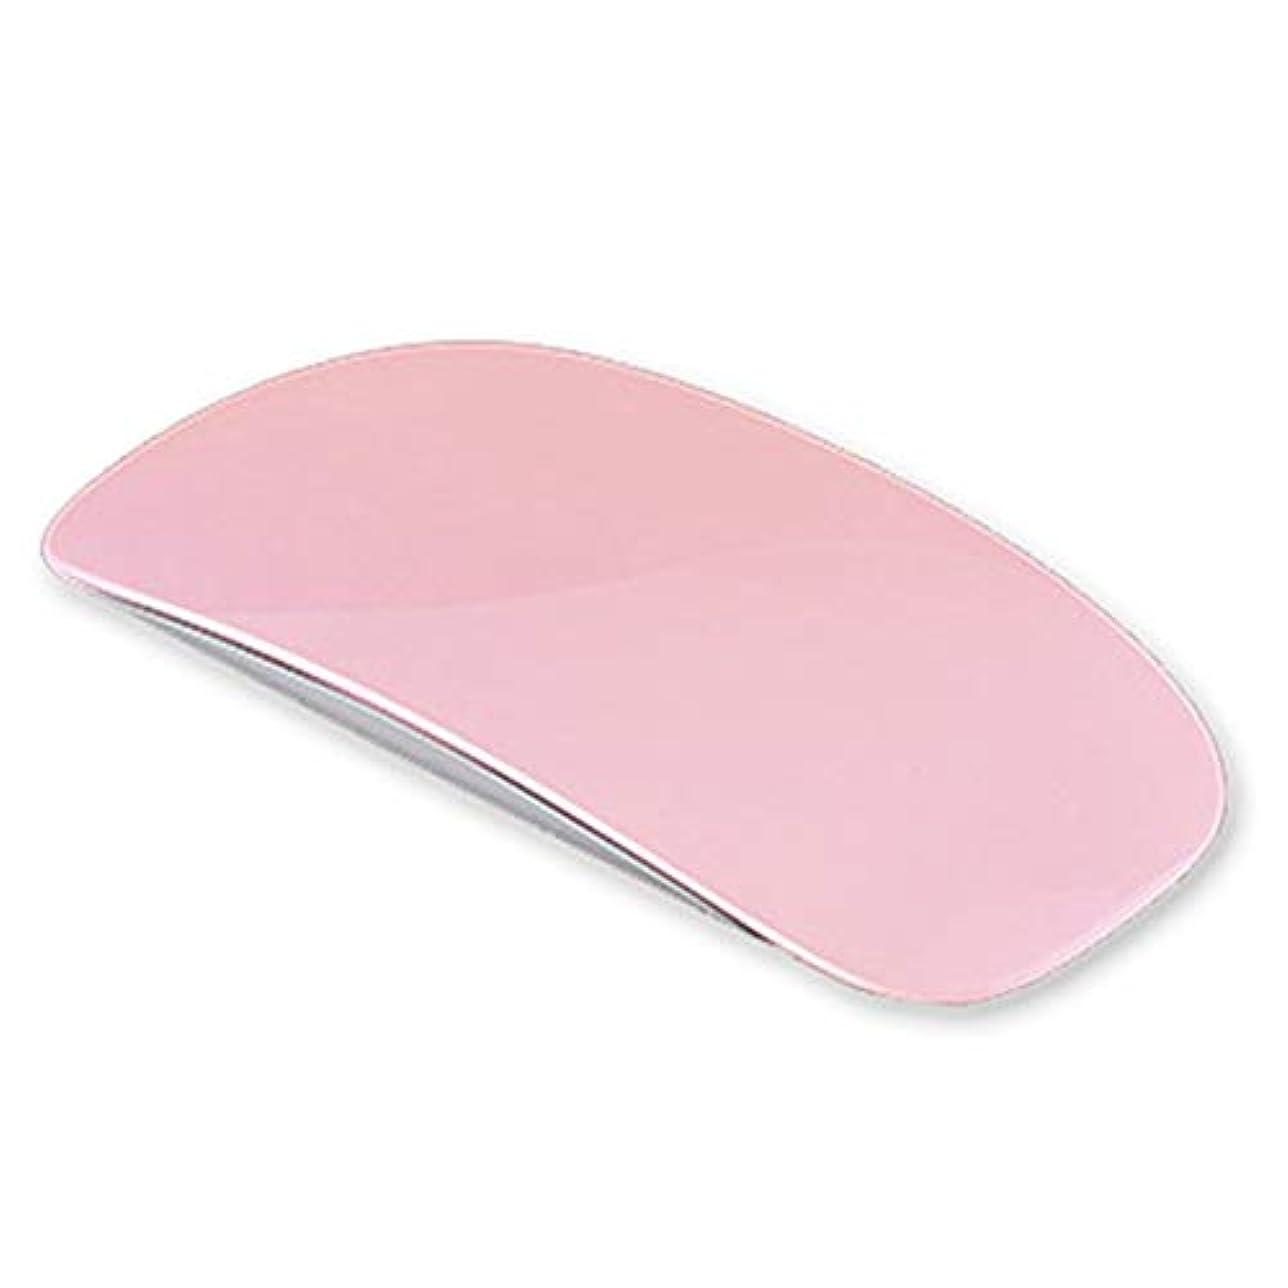 必要ない踏み台美人ネイルドライヤー UV/LEDライト硬化用ライトUSB式 マウス形 折りたたみ式 ミニ携帯便利(ピンク)